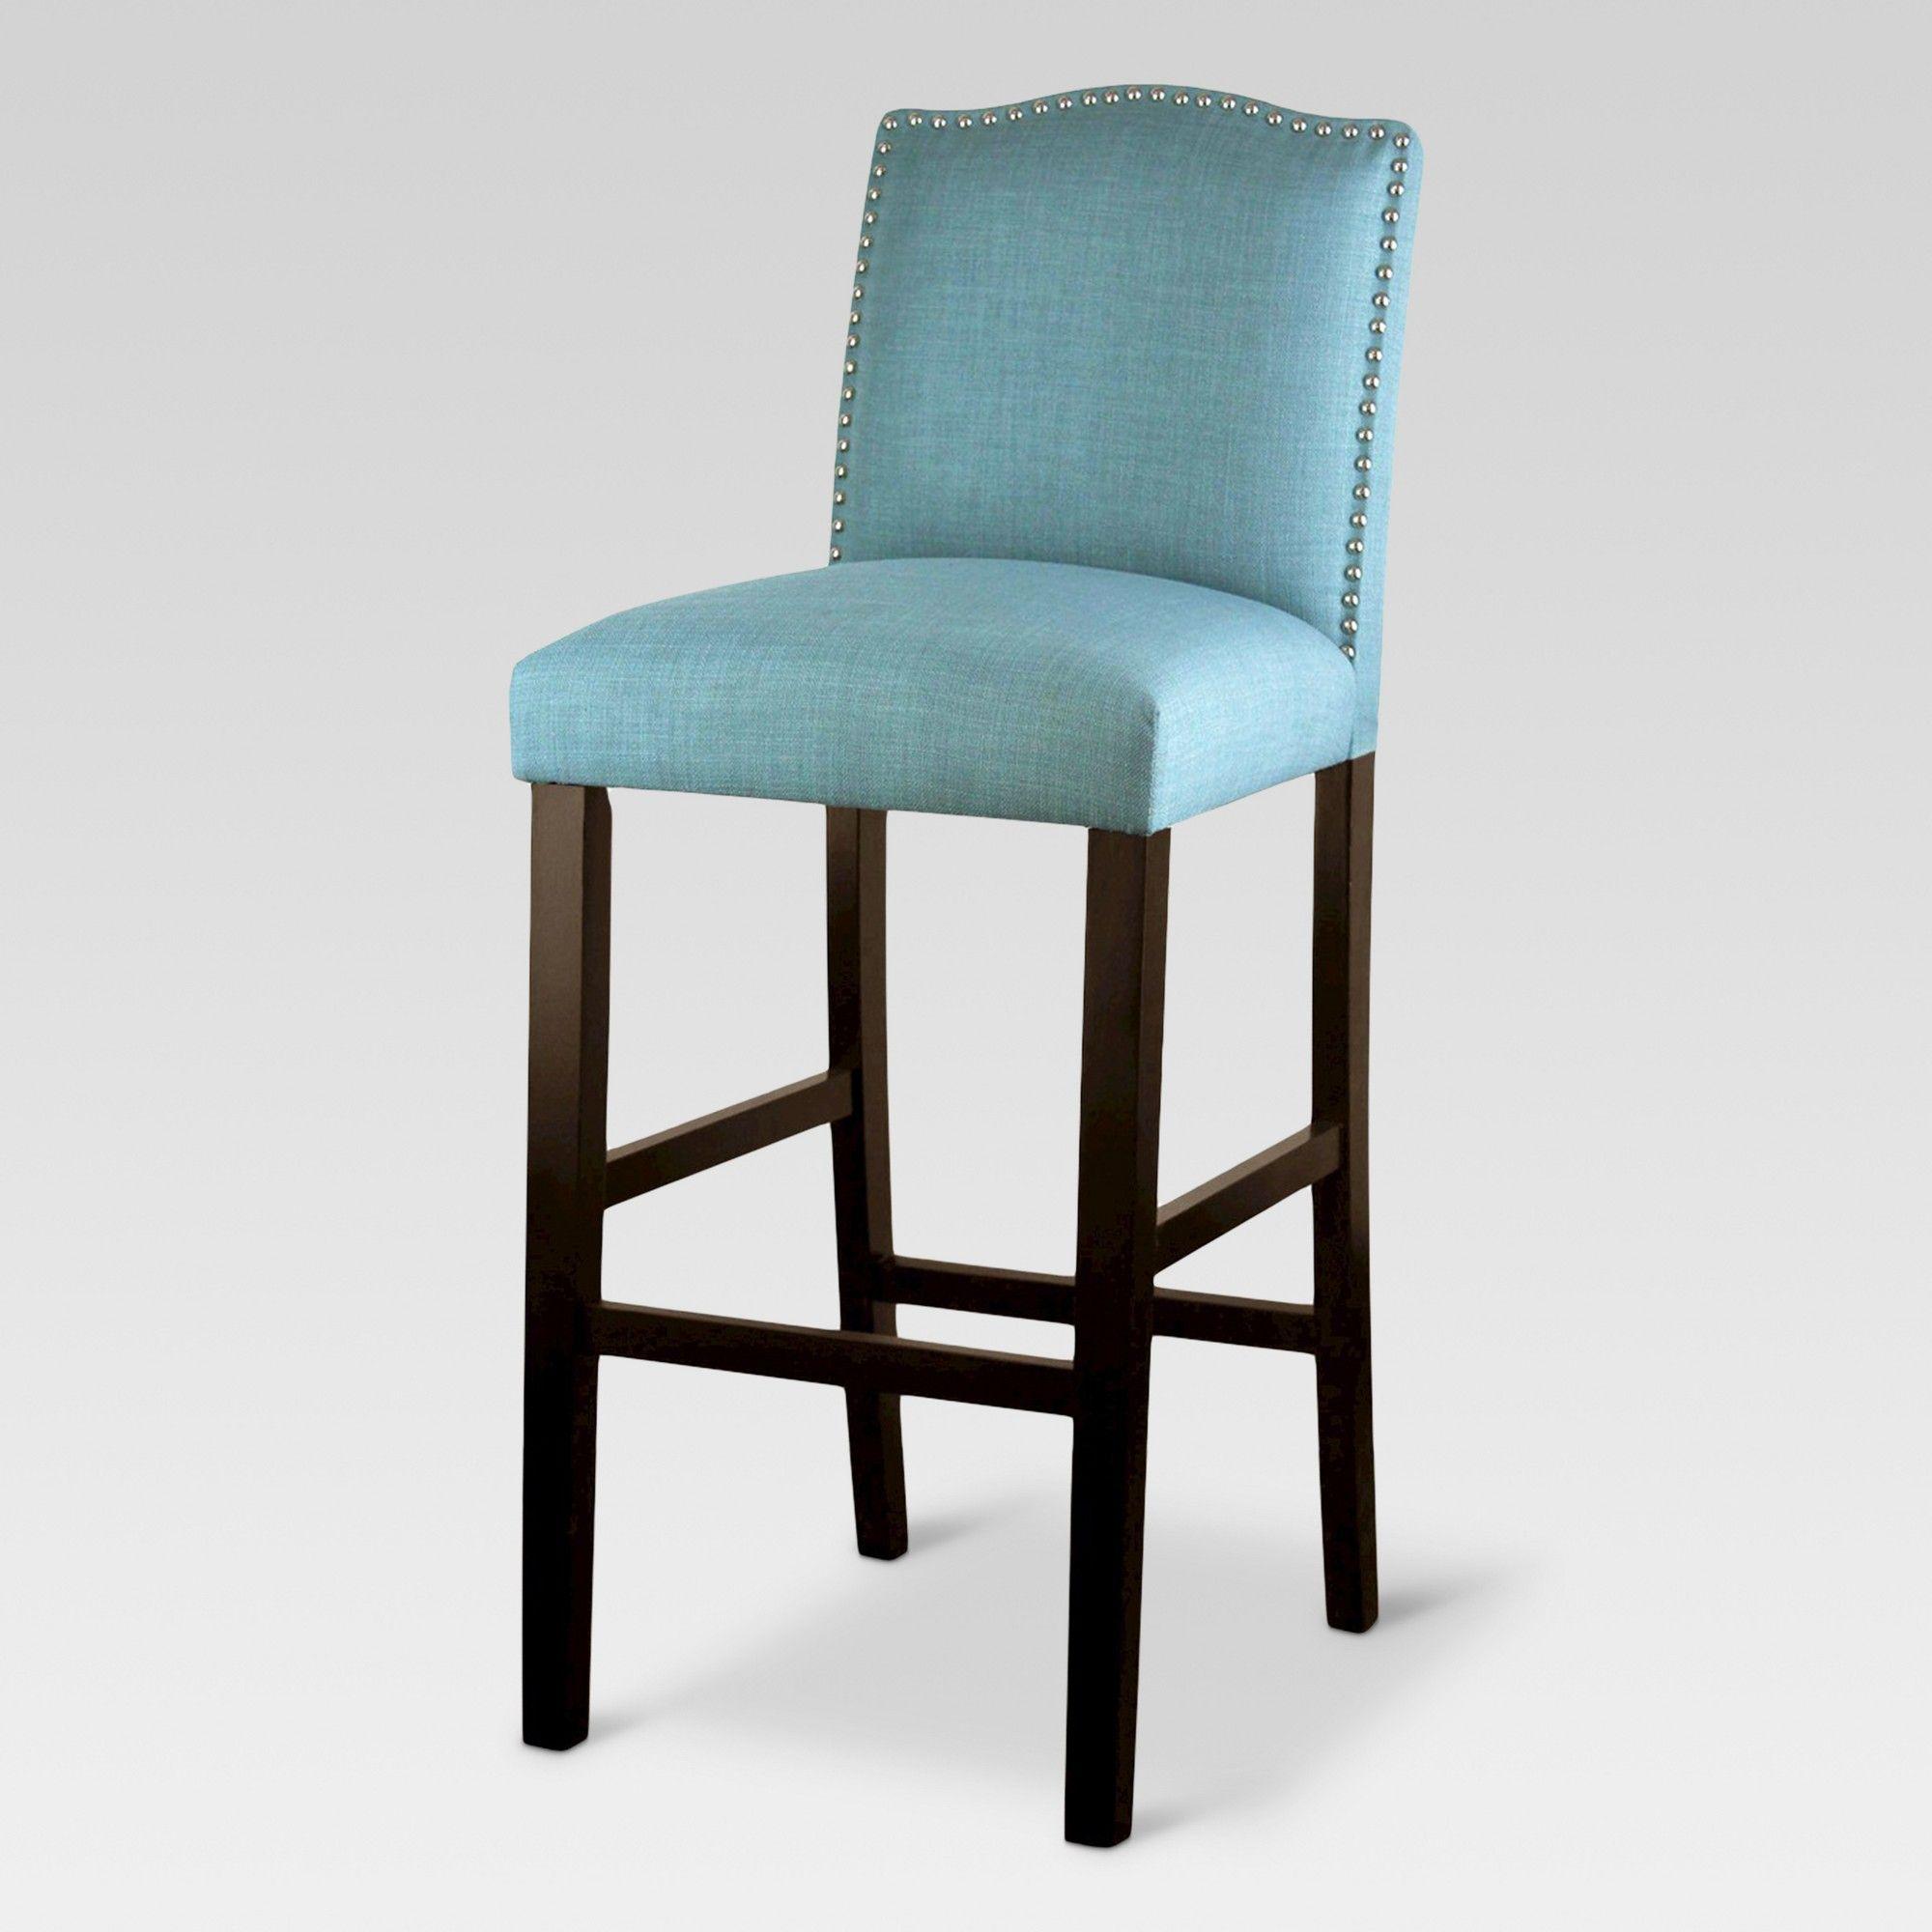 Swell 28 Camelot Nailhead Trim Barstool Hardwood Gray Threshold Short Links Chair Design For Home Short Linksinfo